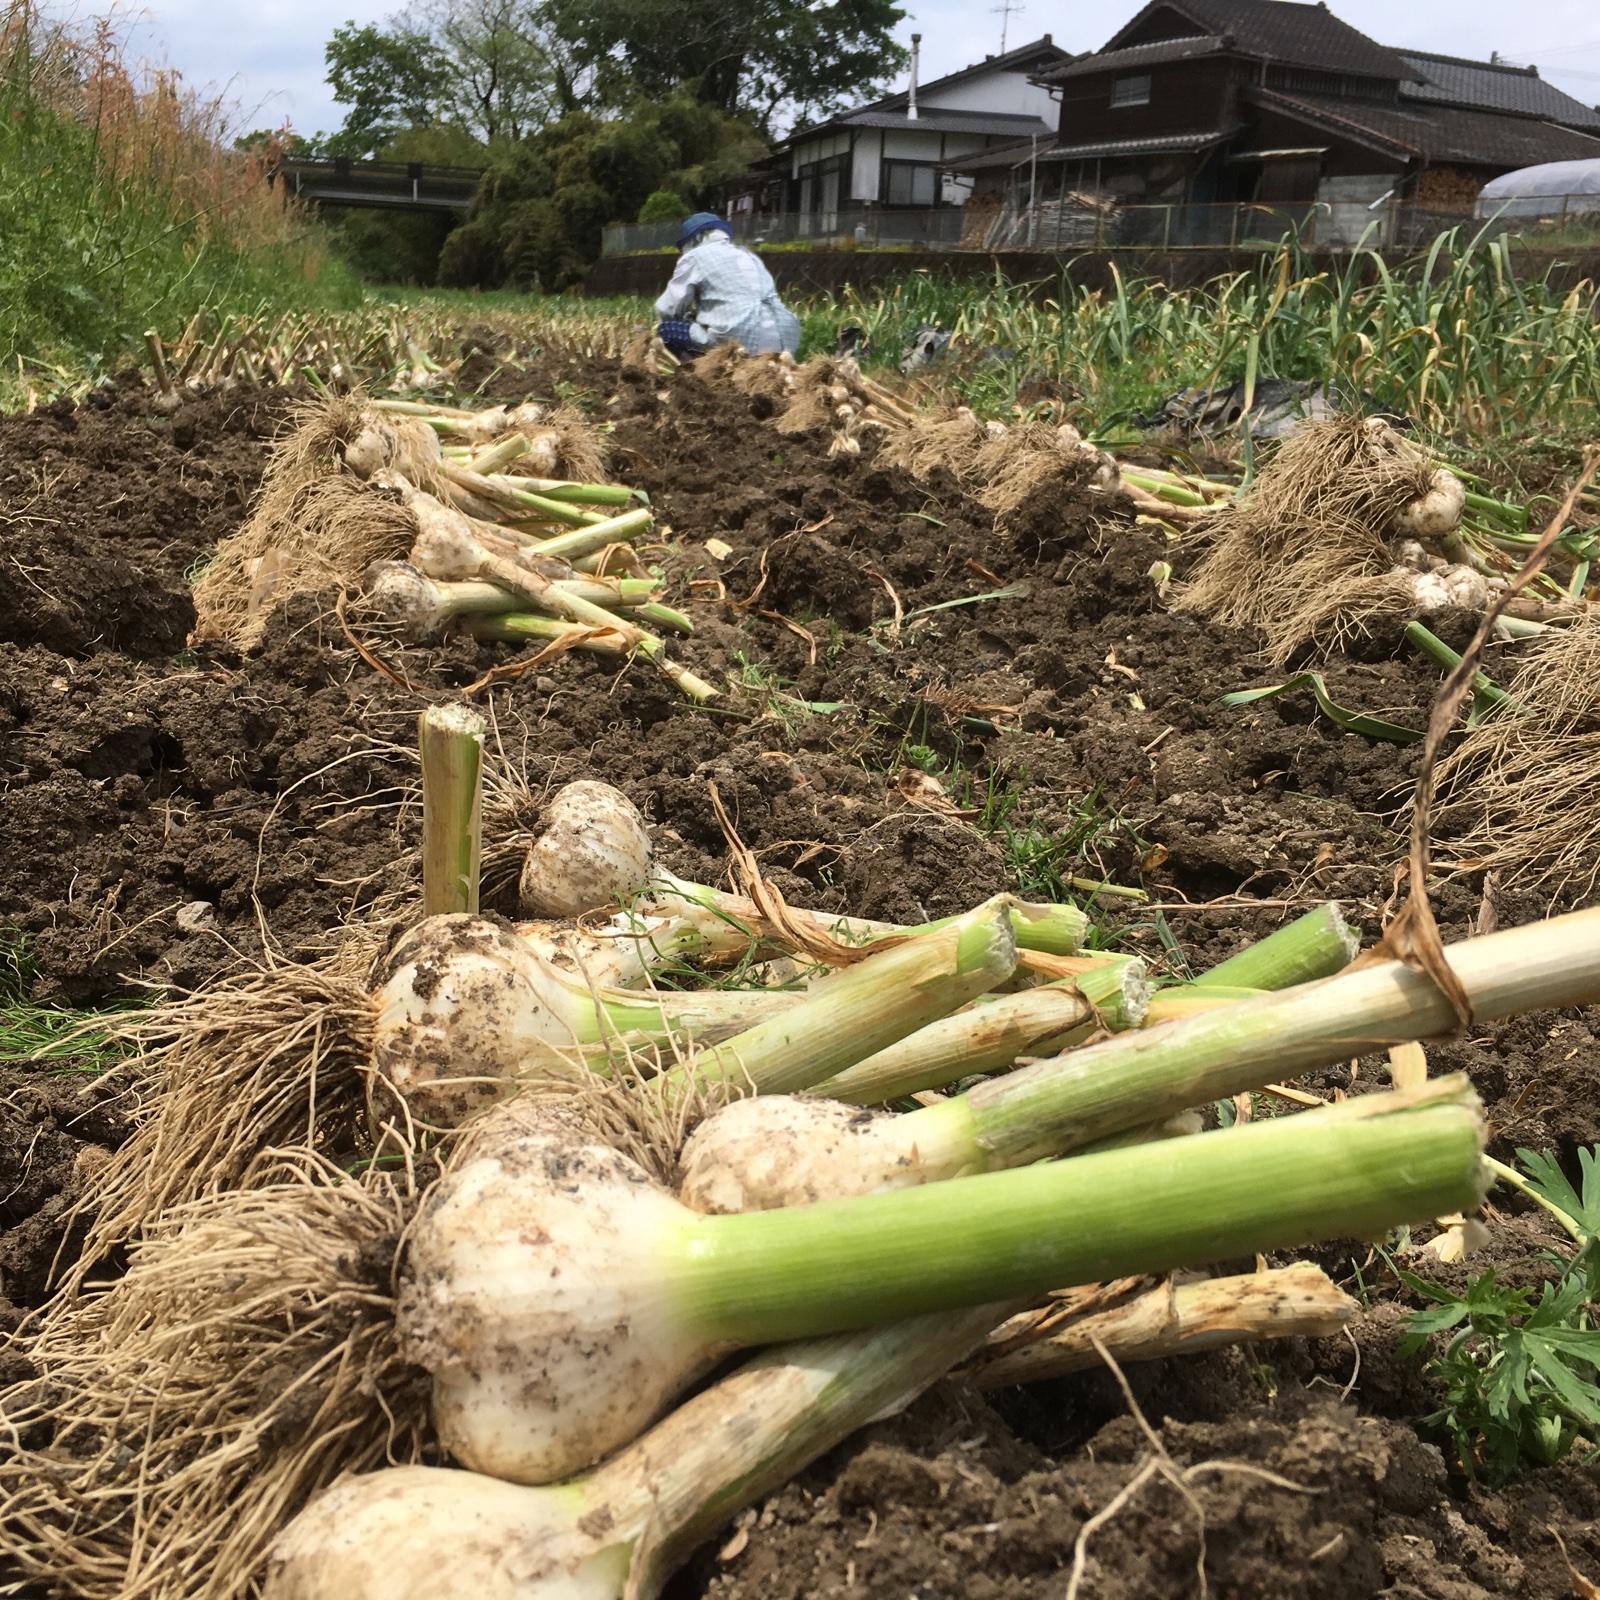 くわはら農園の熊本県産熟成黒にんにく M玉3個入(100g) x 3袋 野菜/野菜の加工品通販